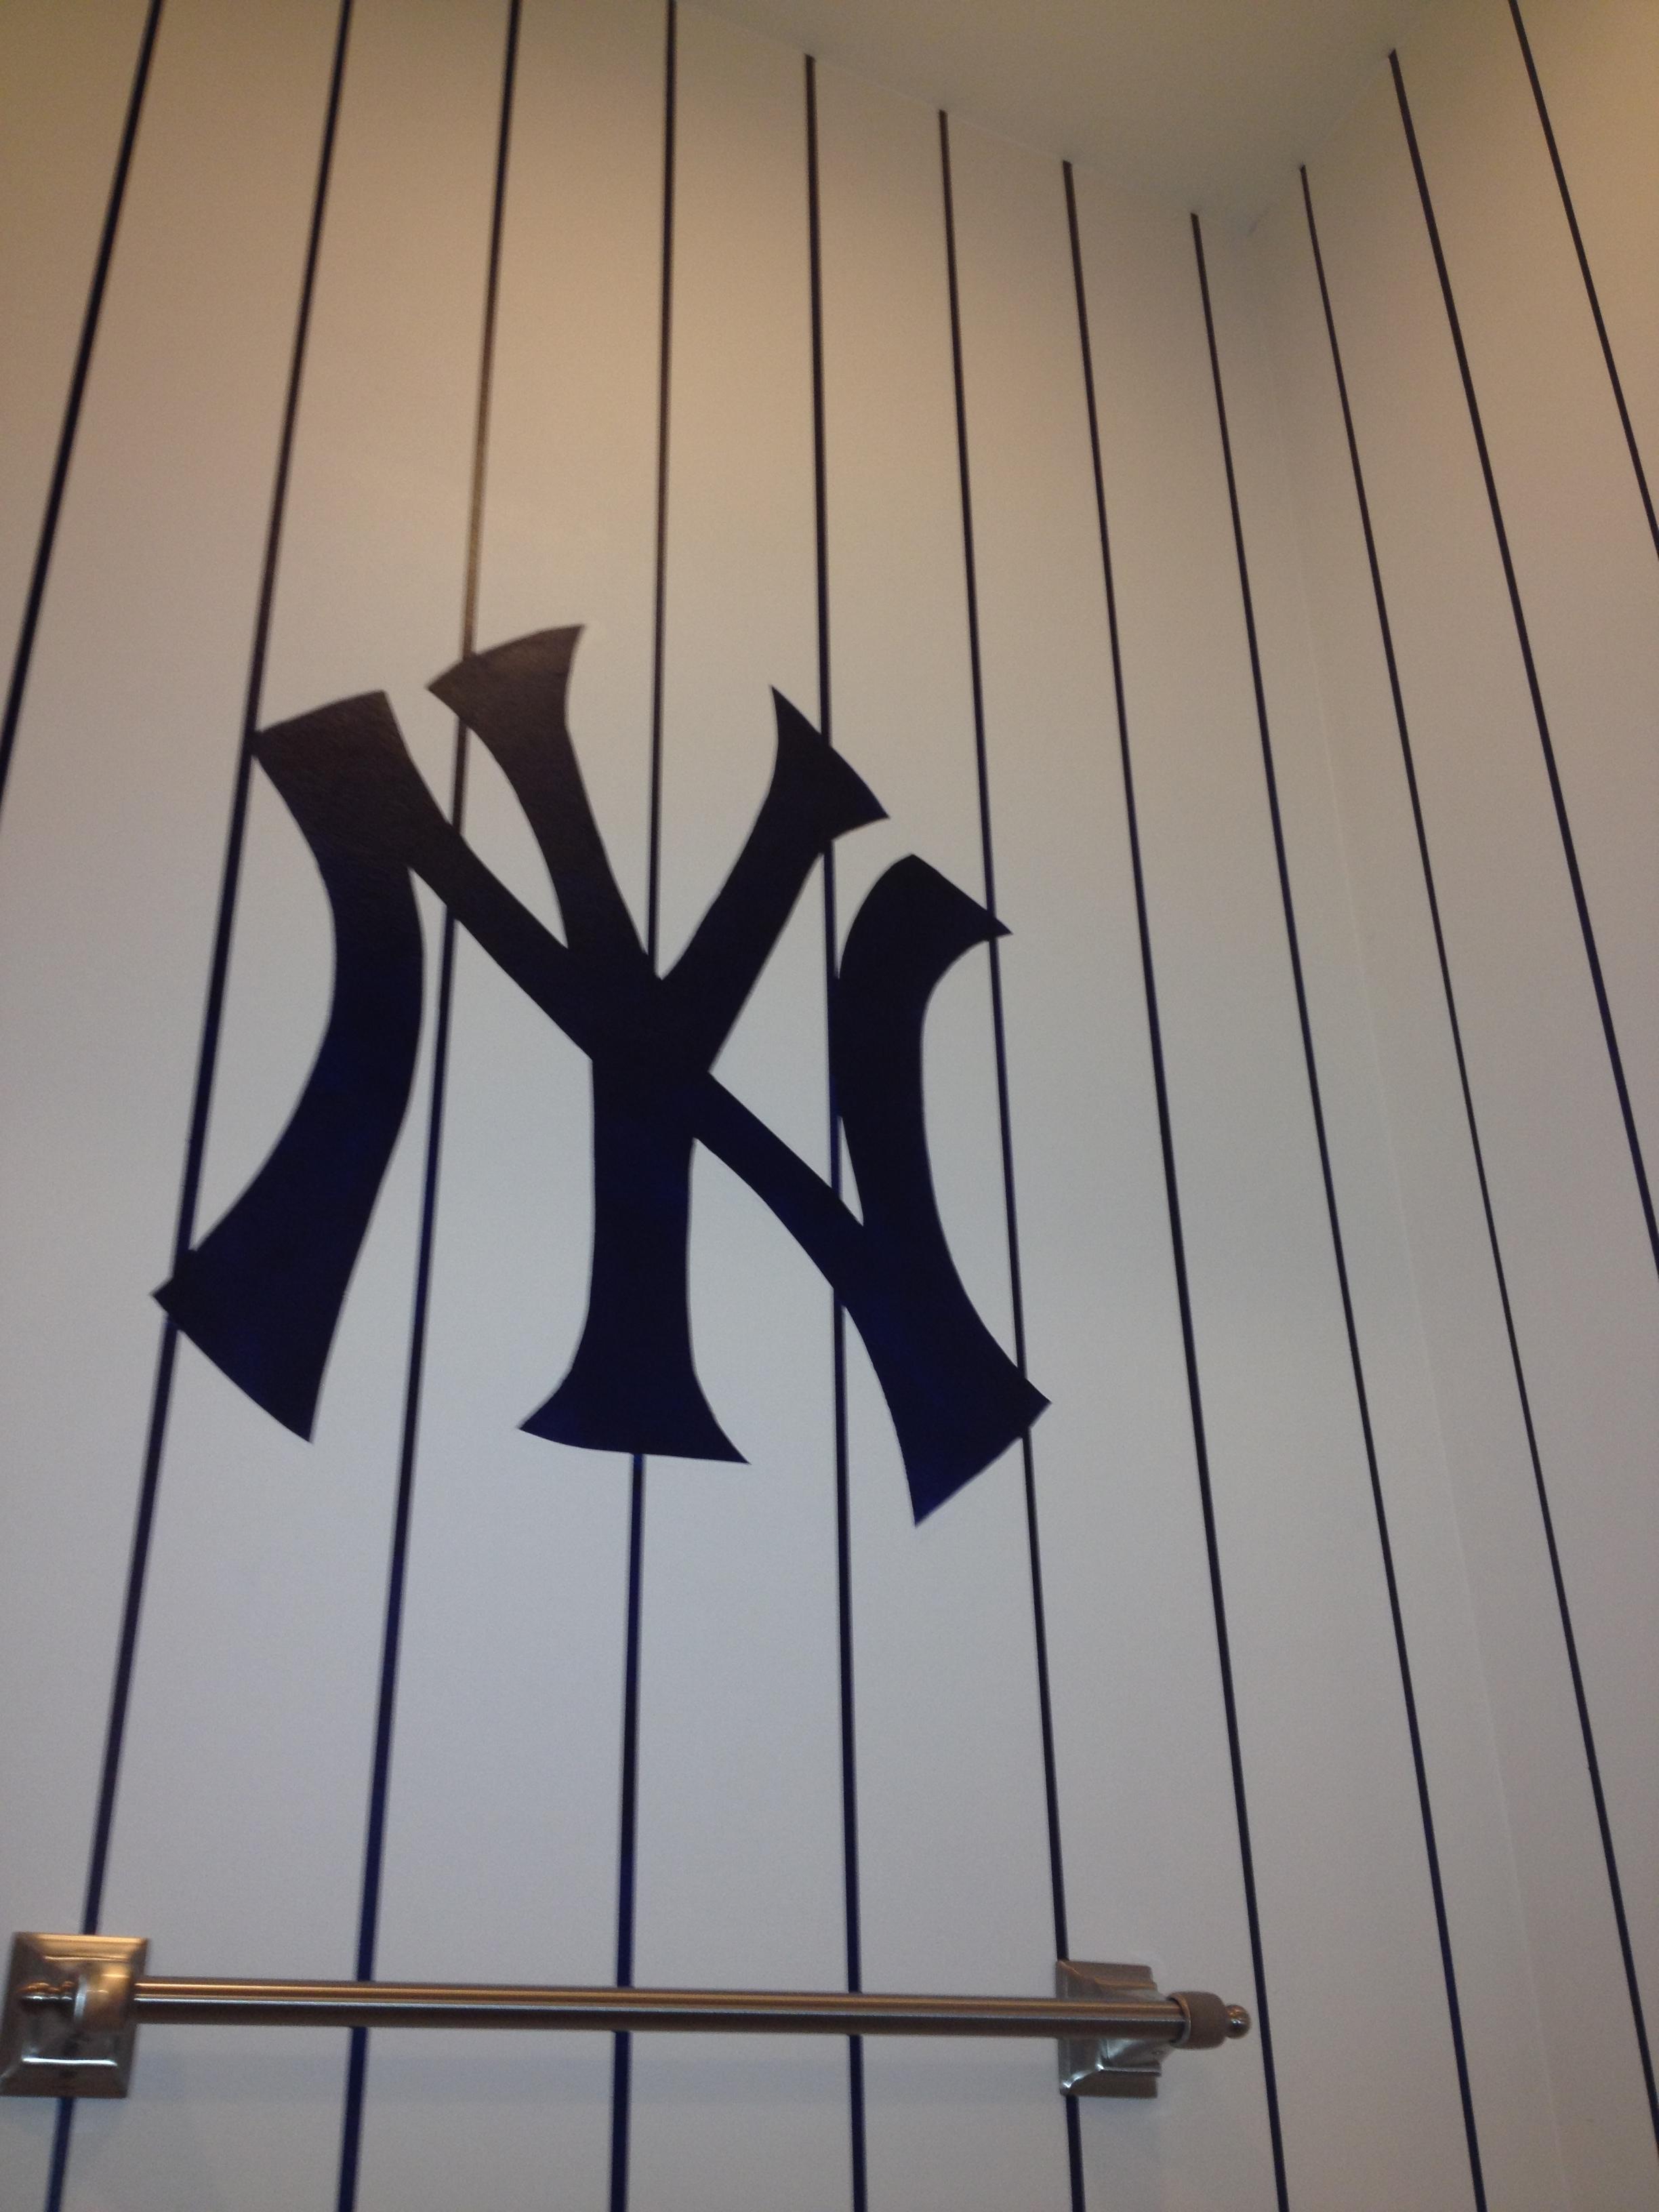 New York Yankees' mural